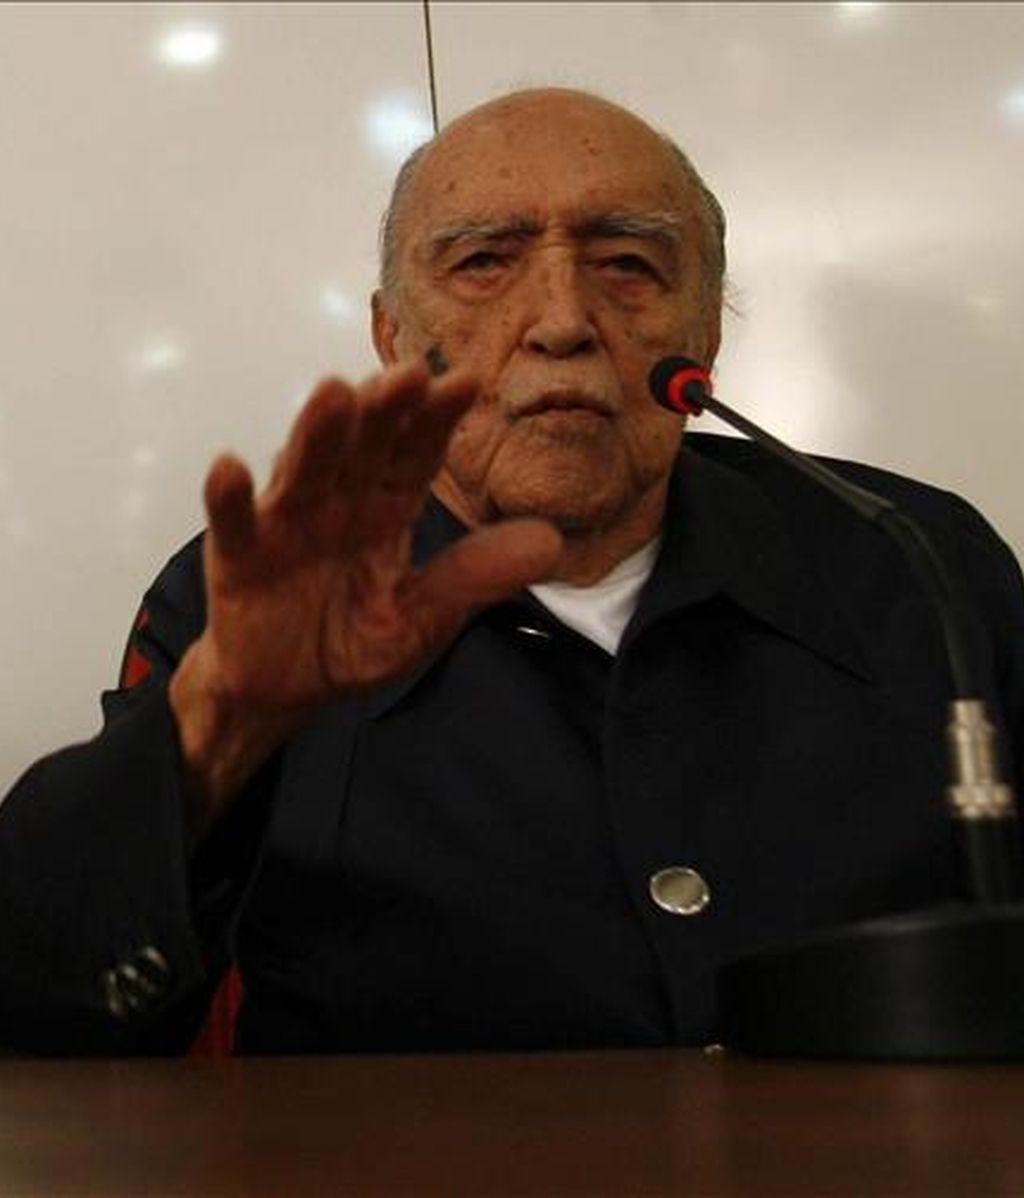 El arquitecto brasileño Oscar Niemeyer quien habla durante un evento en la Coordinación de cursos de postgrado en estudios de ingeniería (COPPE) en Río de Janeiro (Brasil), en el que el arquitecto brasileño fue homenajeado por la obra de su vida en abril de 2008. EFE/Archivo